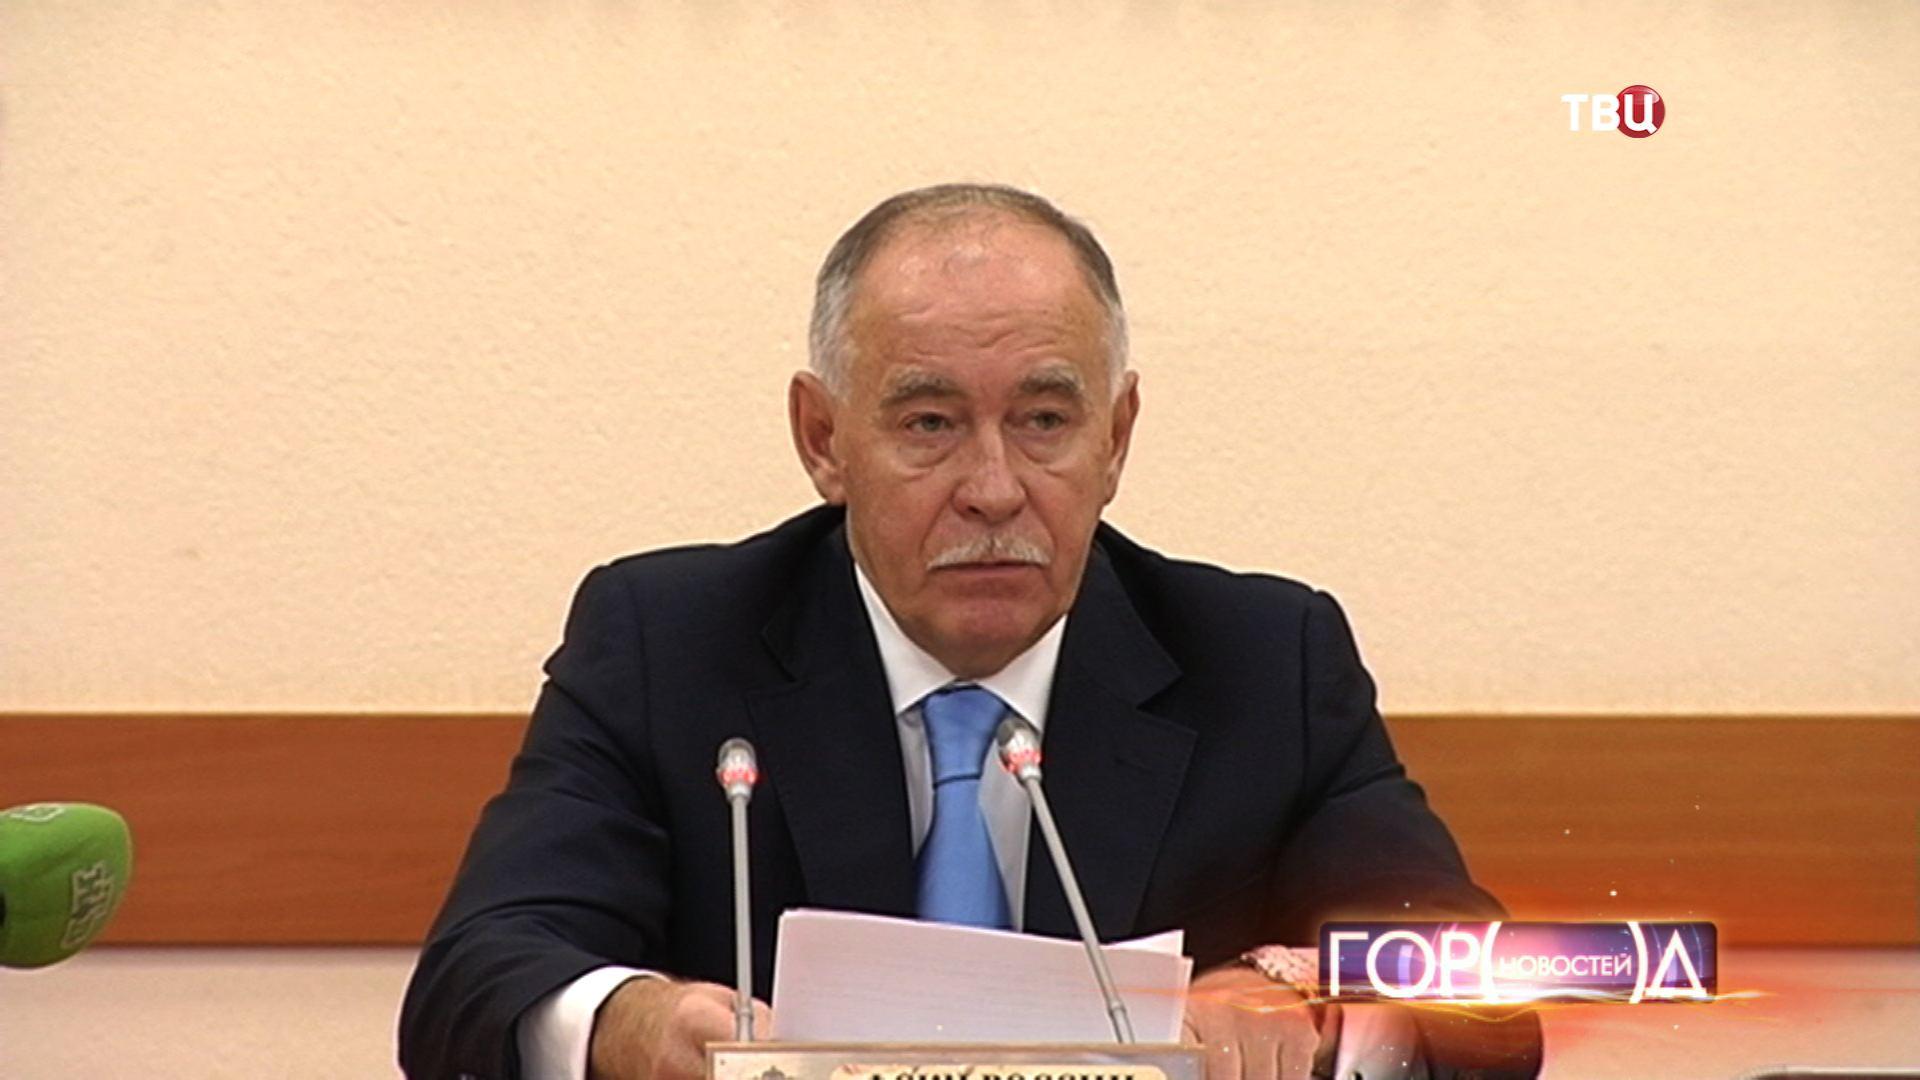 Директор Федеральной службы Российской Федерации по контролю за оборотом наркотиков Виктор Иванов